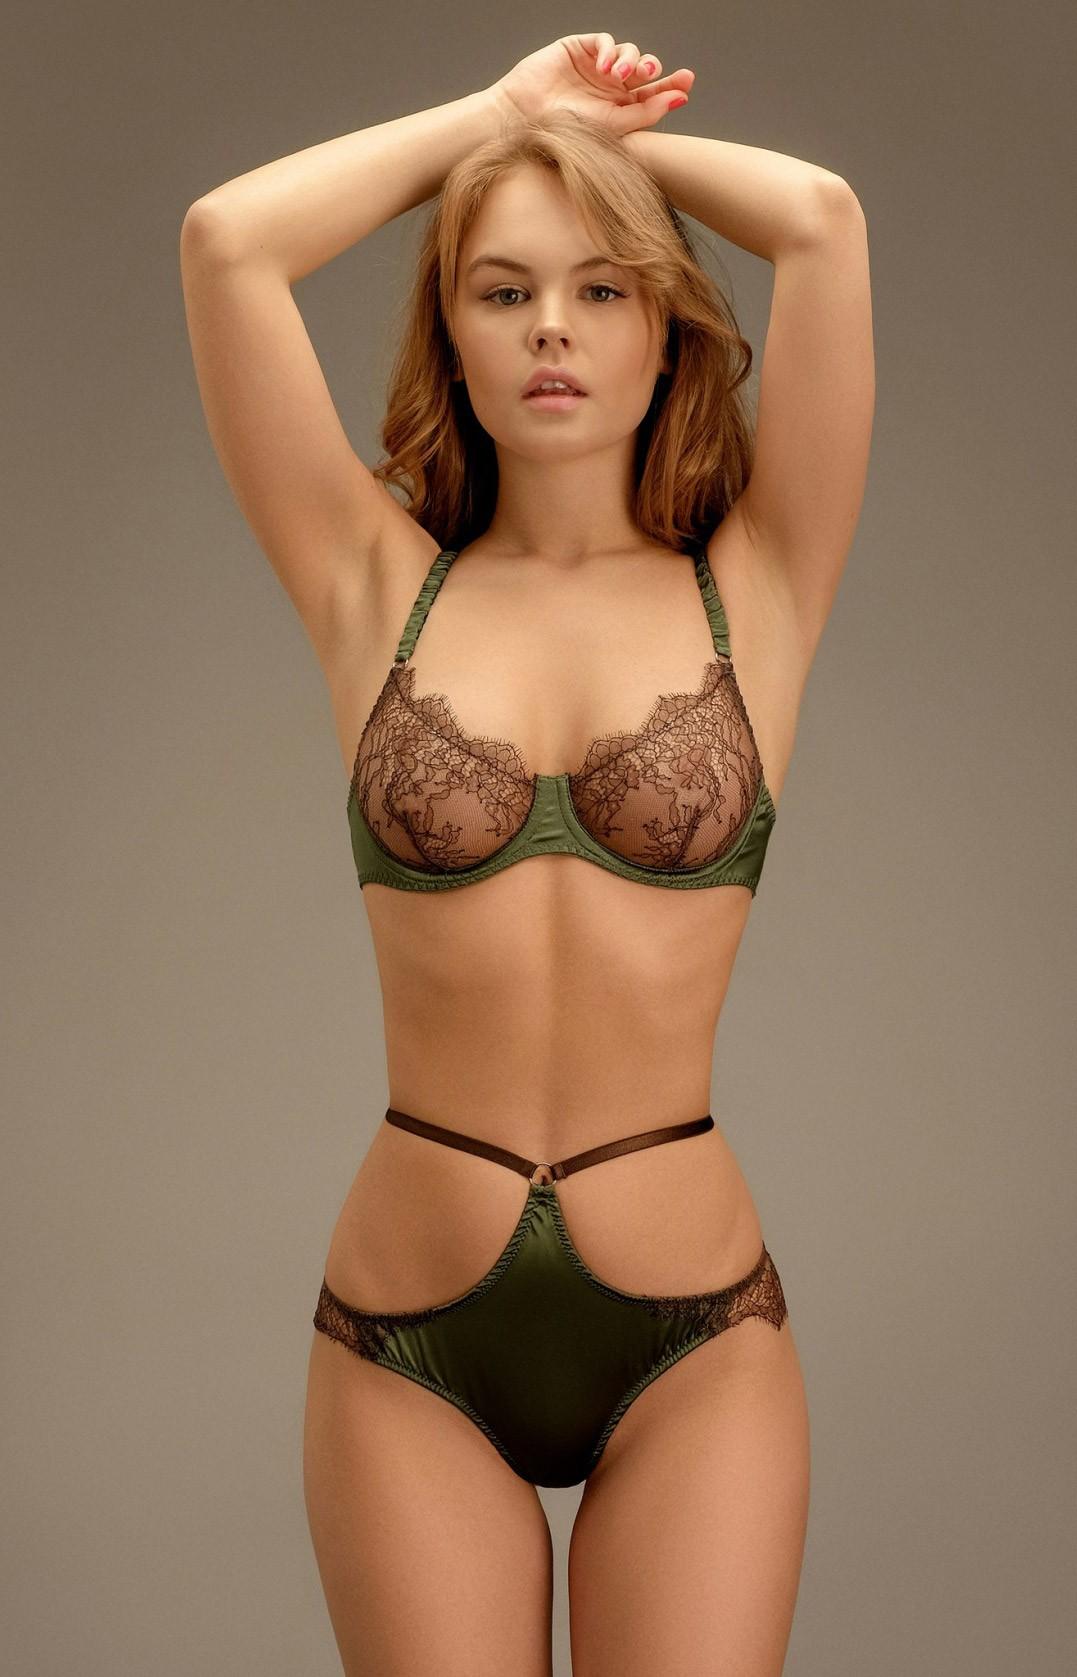 Anastasiya Scheglova / Анастасия Щеглова в нижнем белье Levage lingerie